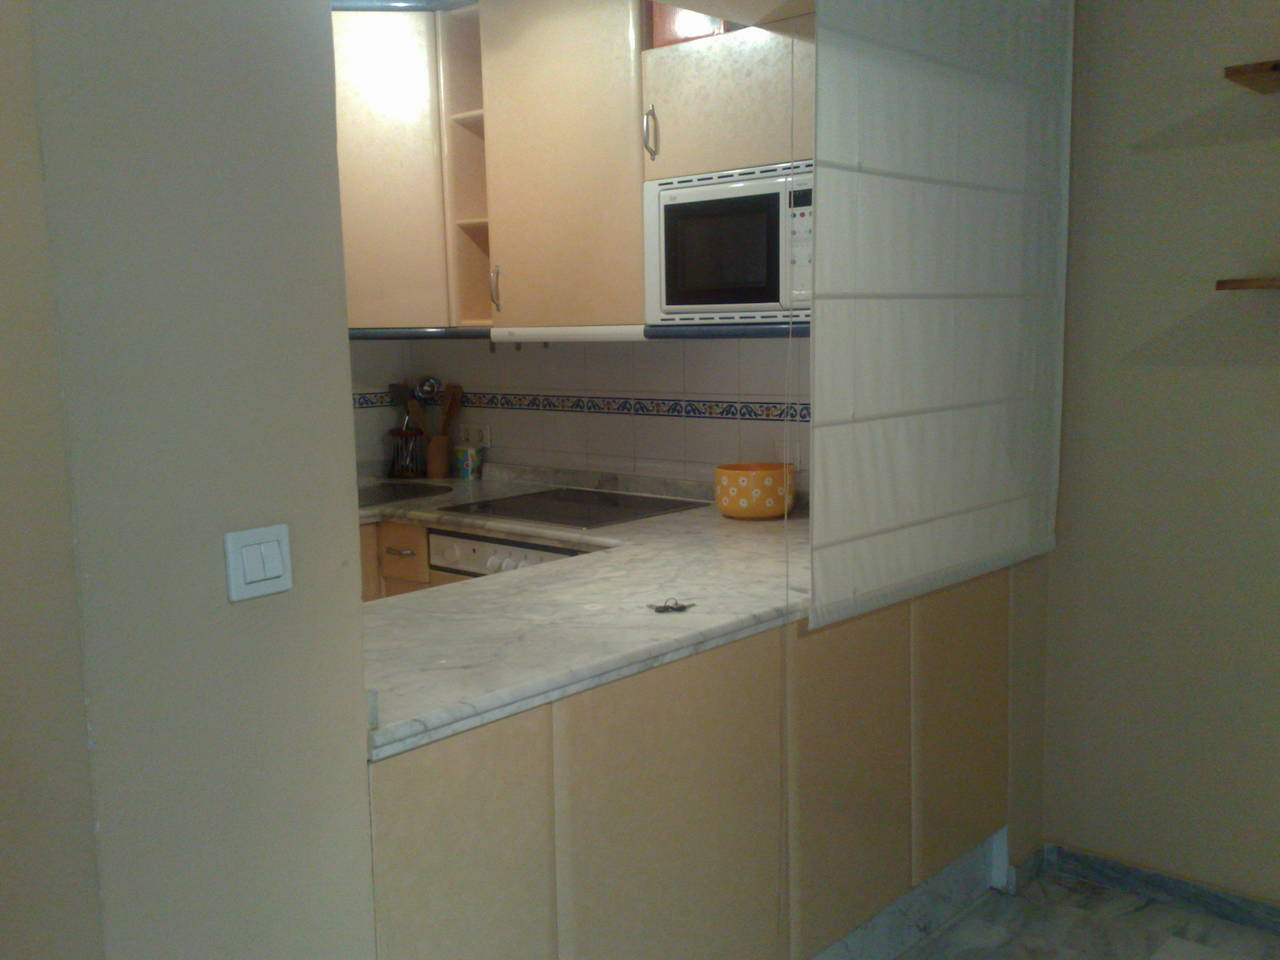 Alquiler piso en Triana, Pureza 34 - Carmen: 639.14.41.48  - Foto 2